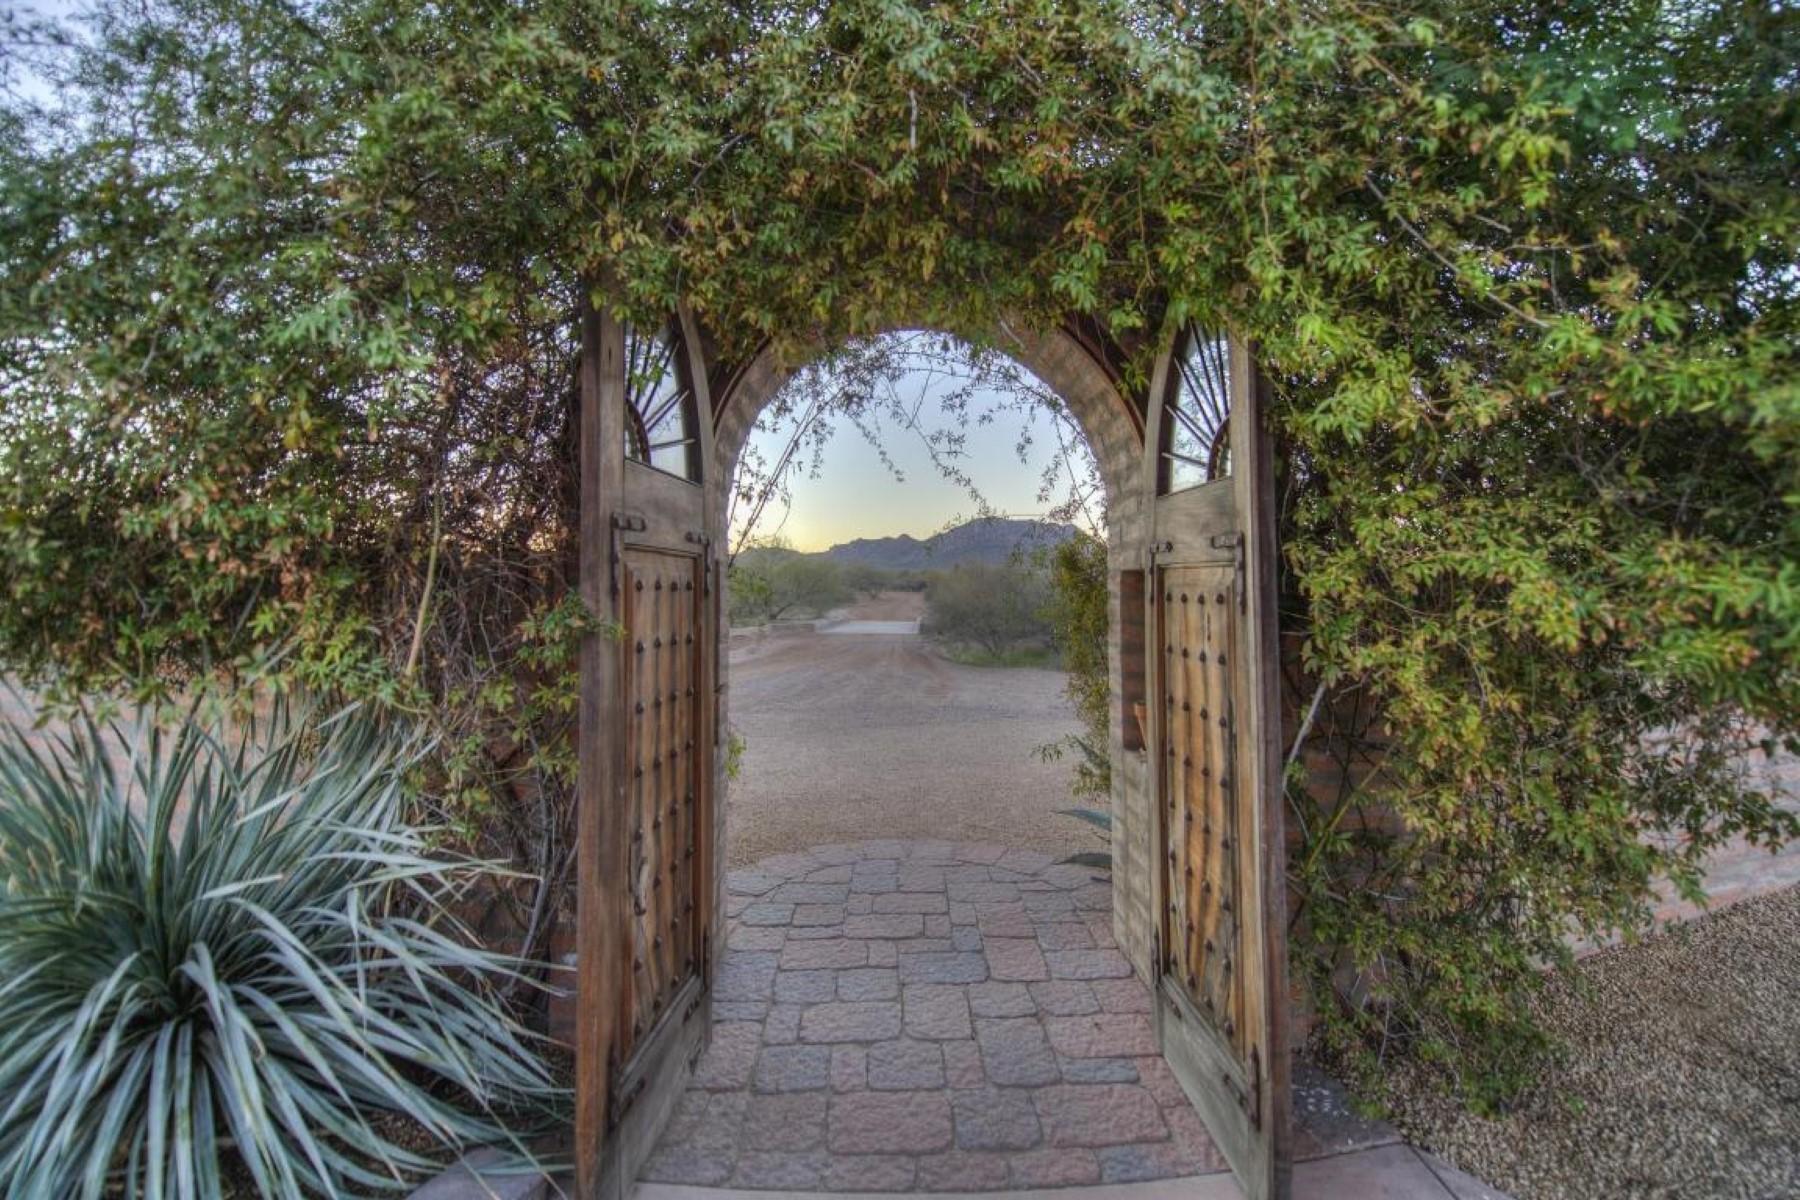 Casa Unifamiliar por un Venta en 40 Acre 4 Peaks Ranch 32528 N 144th Street Scottsdale, Arizona 85262 Estados Unidos